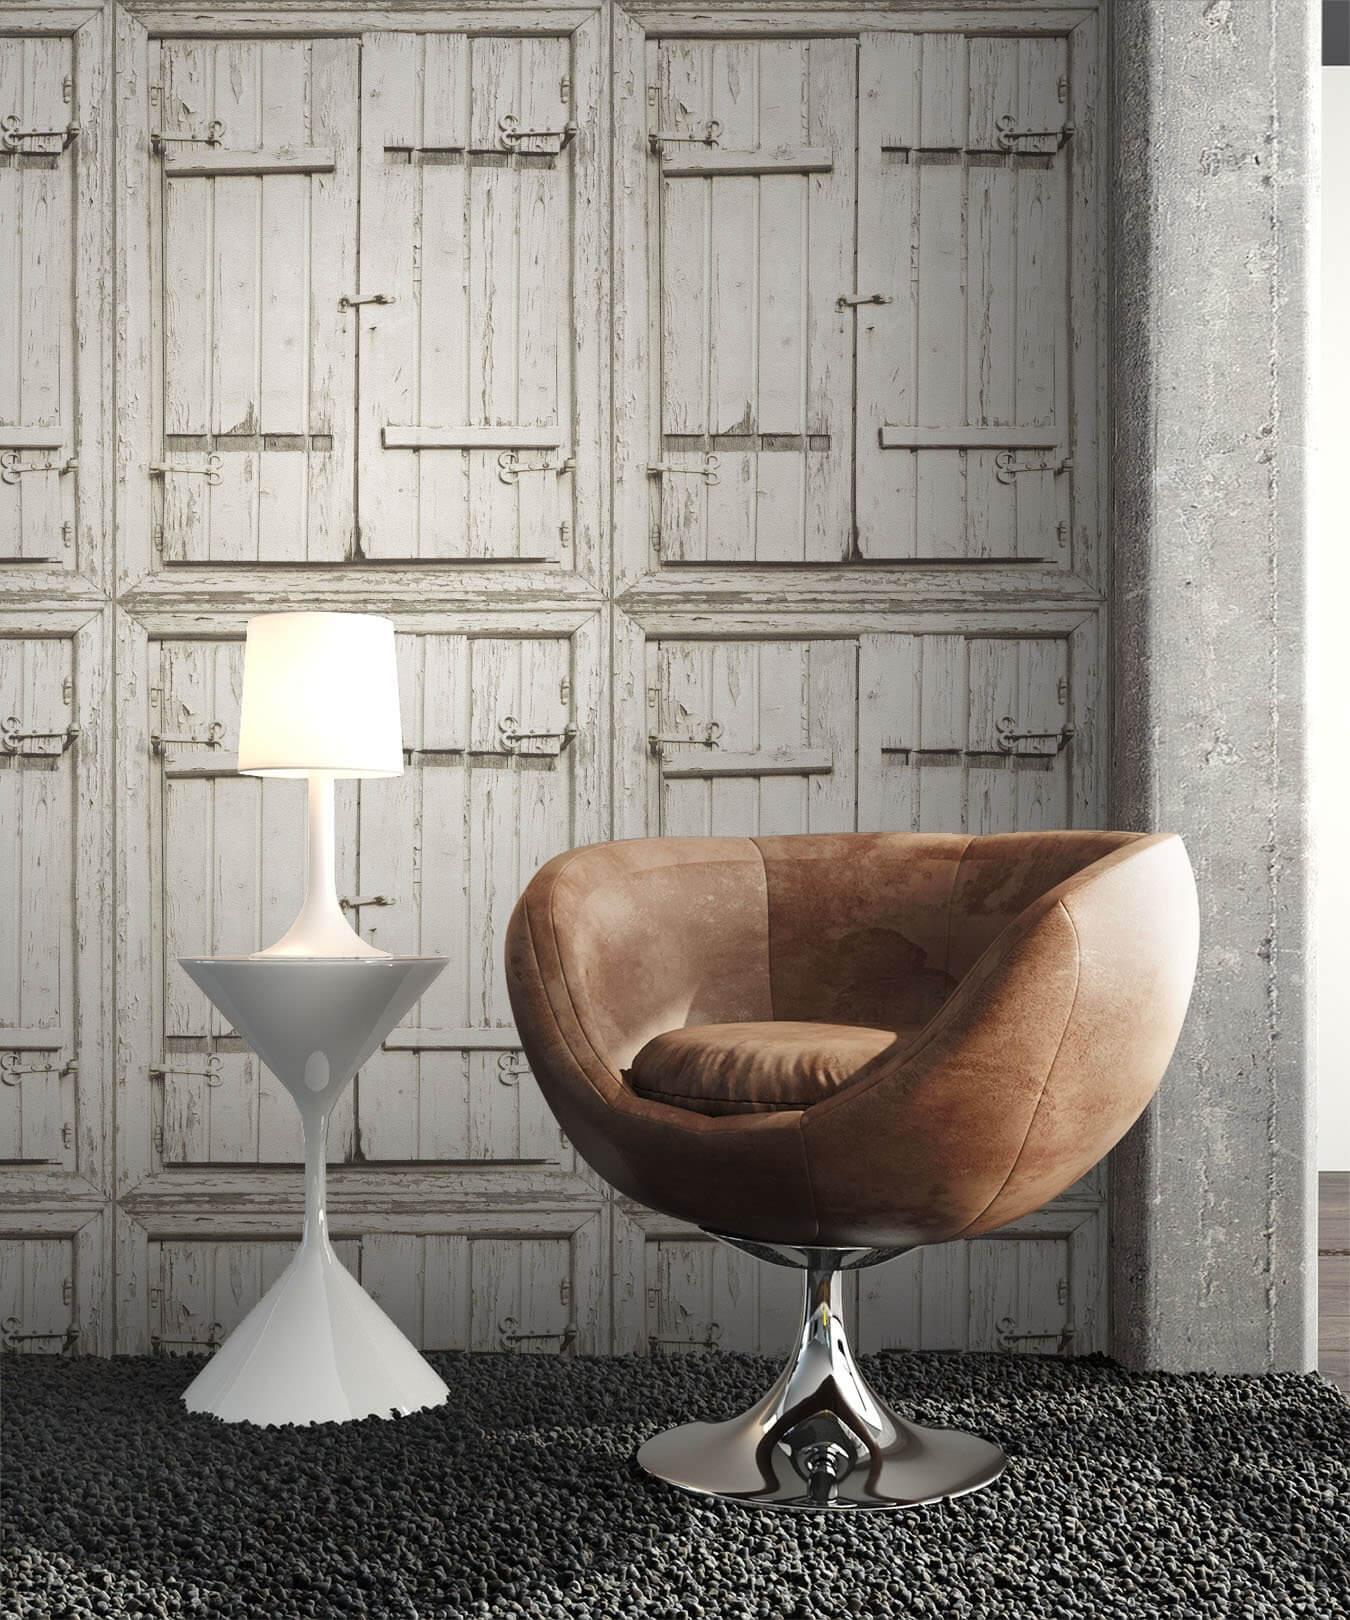 ... Tapete Holz Optik Landhaus Dekoration